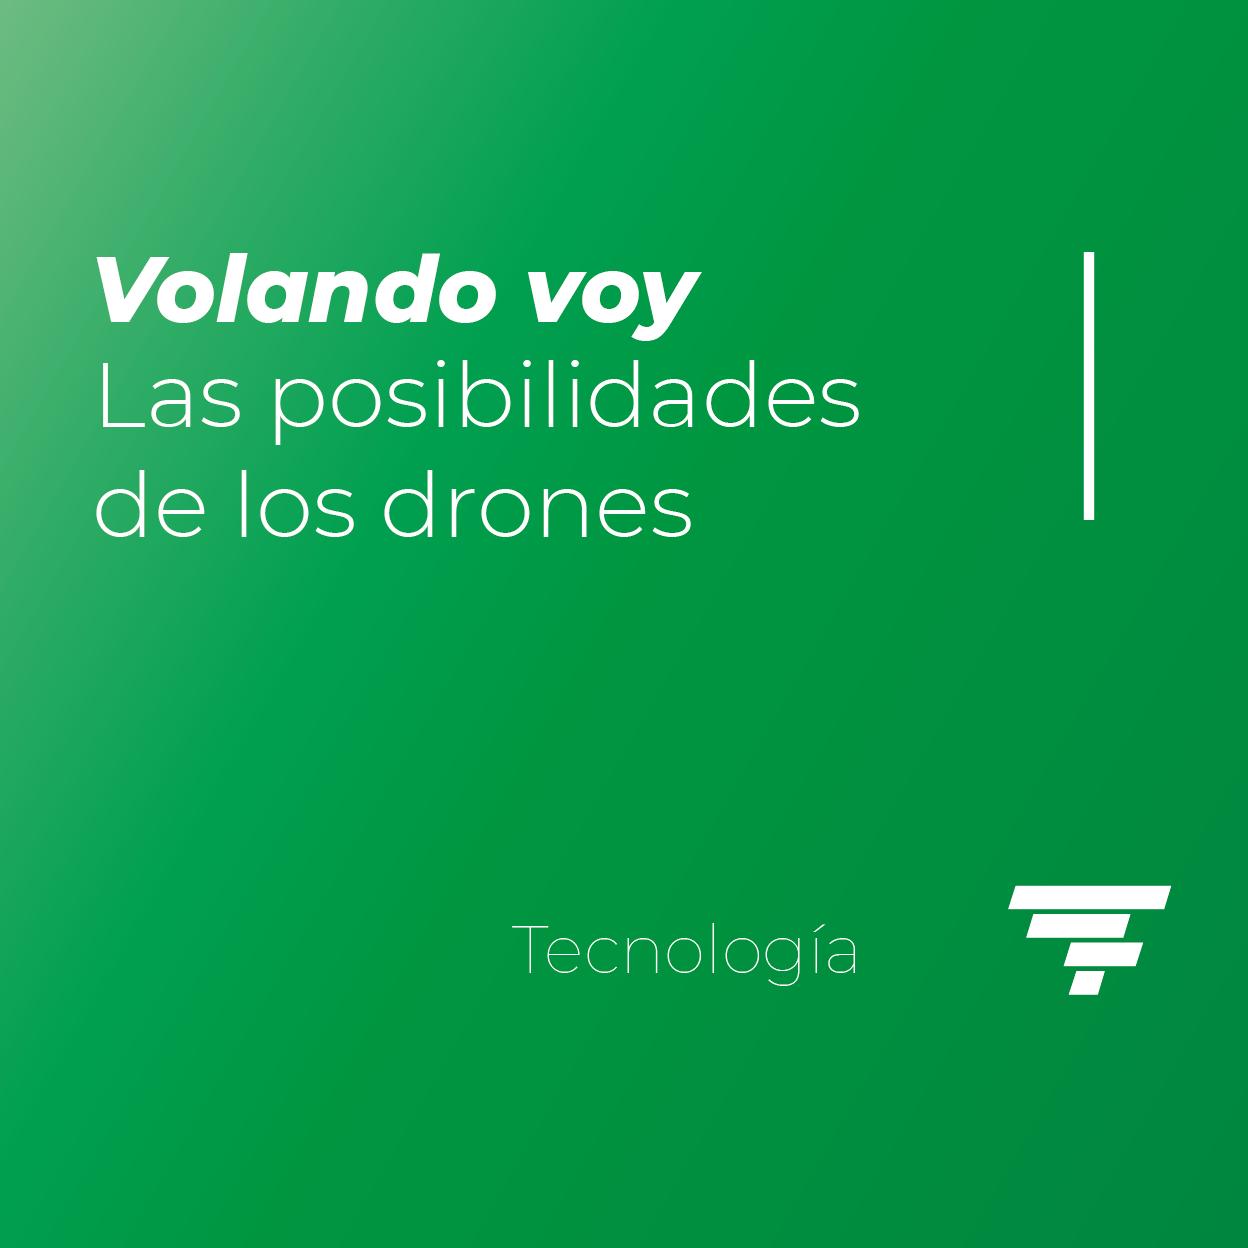 Volando voy: Las posibilidades de los drones